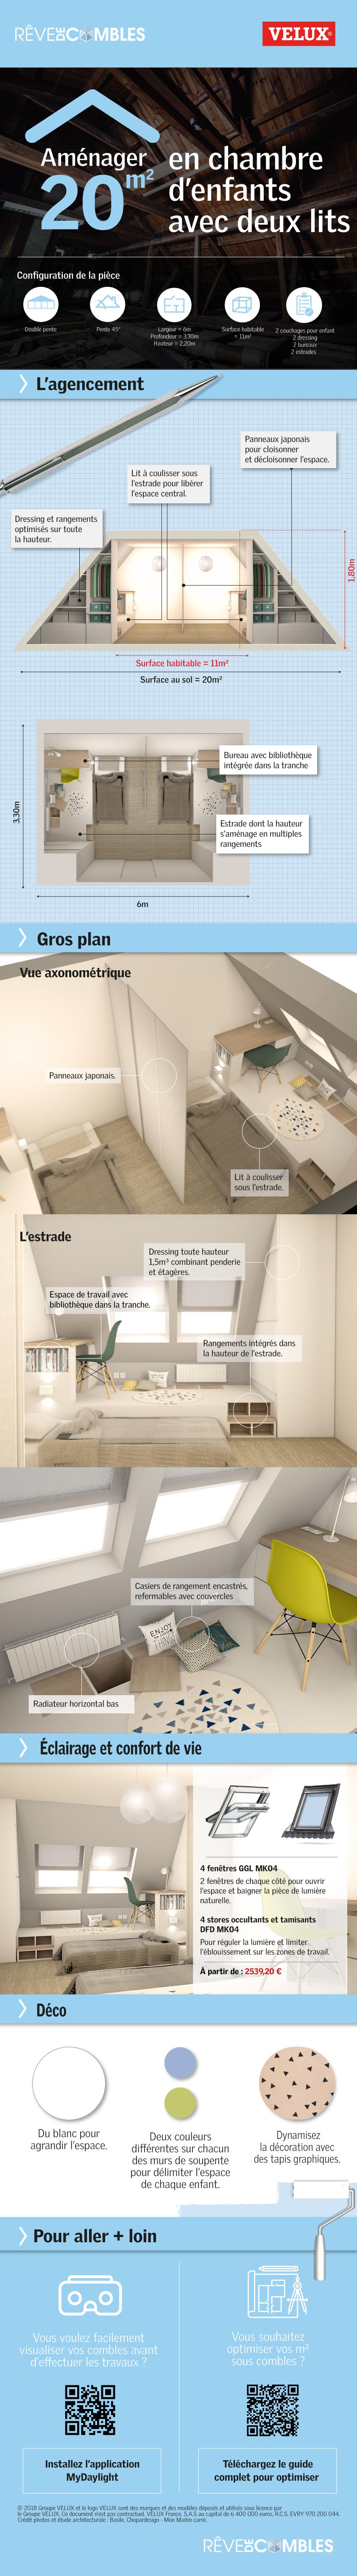 infographie-amenager-20m-chambre-enfants-deux-lits-combles